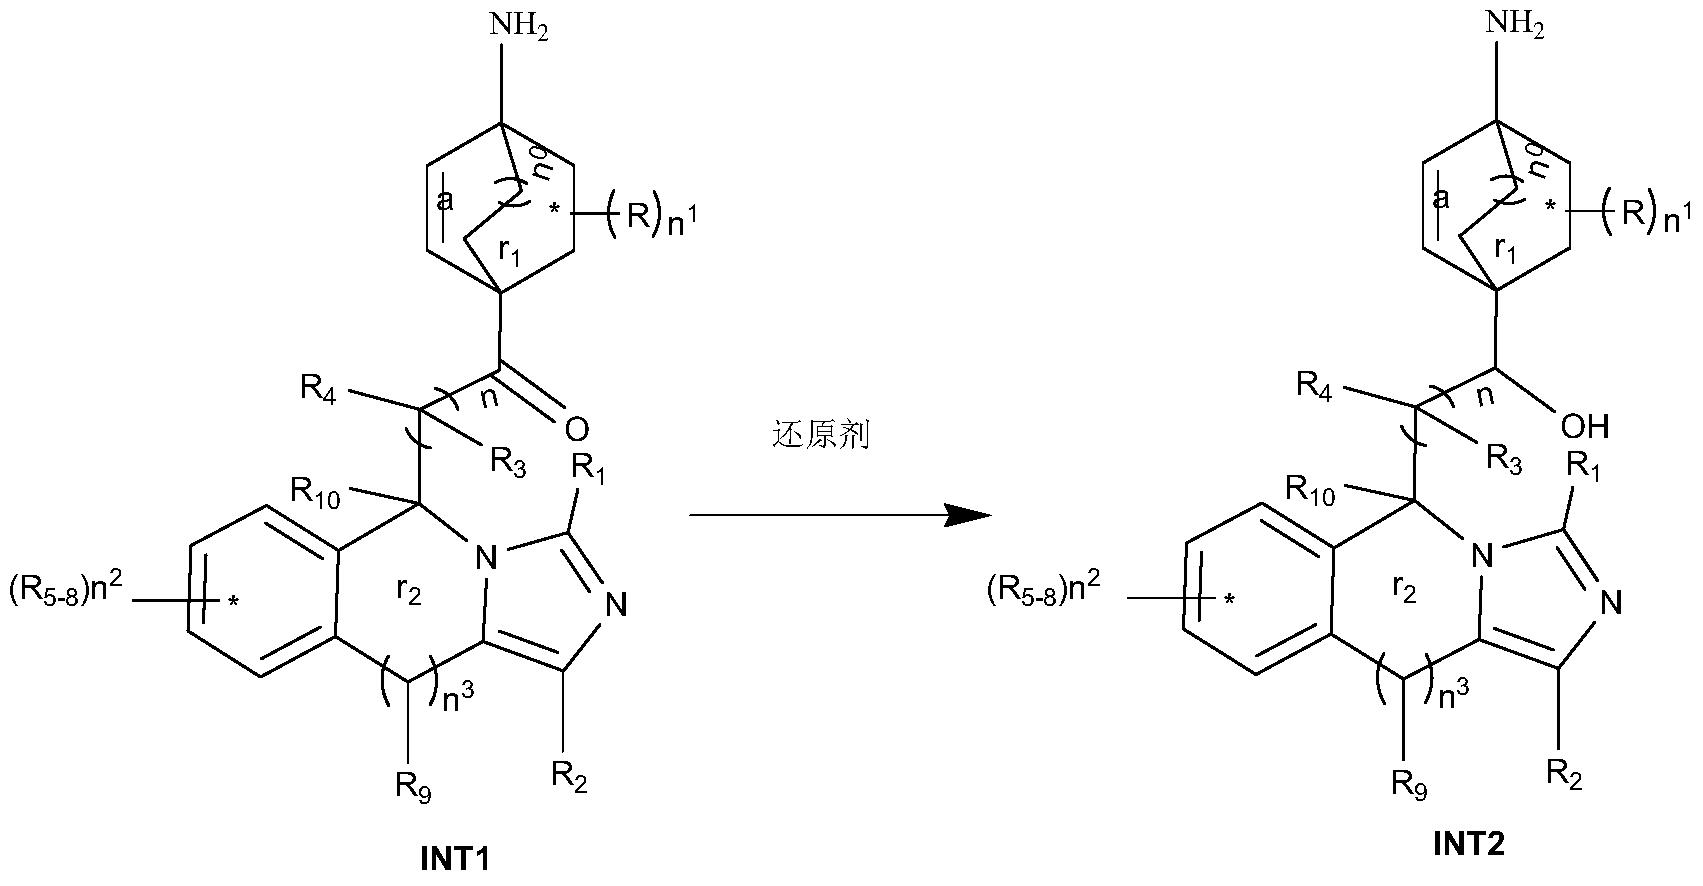 Figure PCTCN2017084604-appb-100045